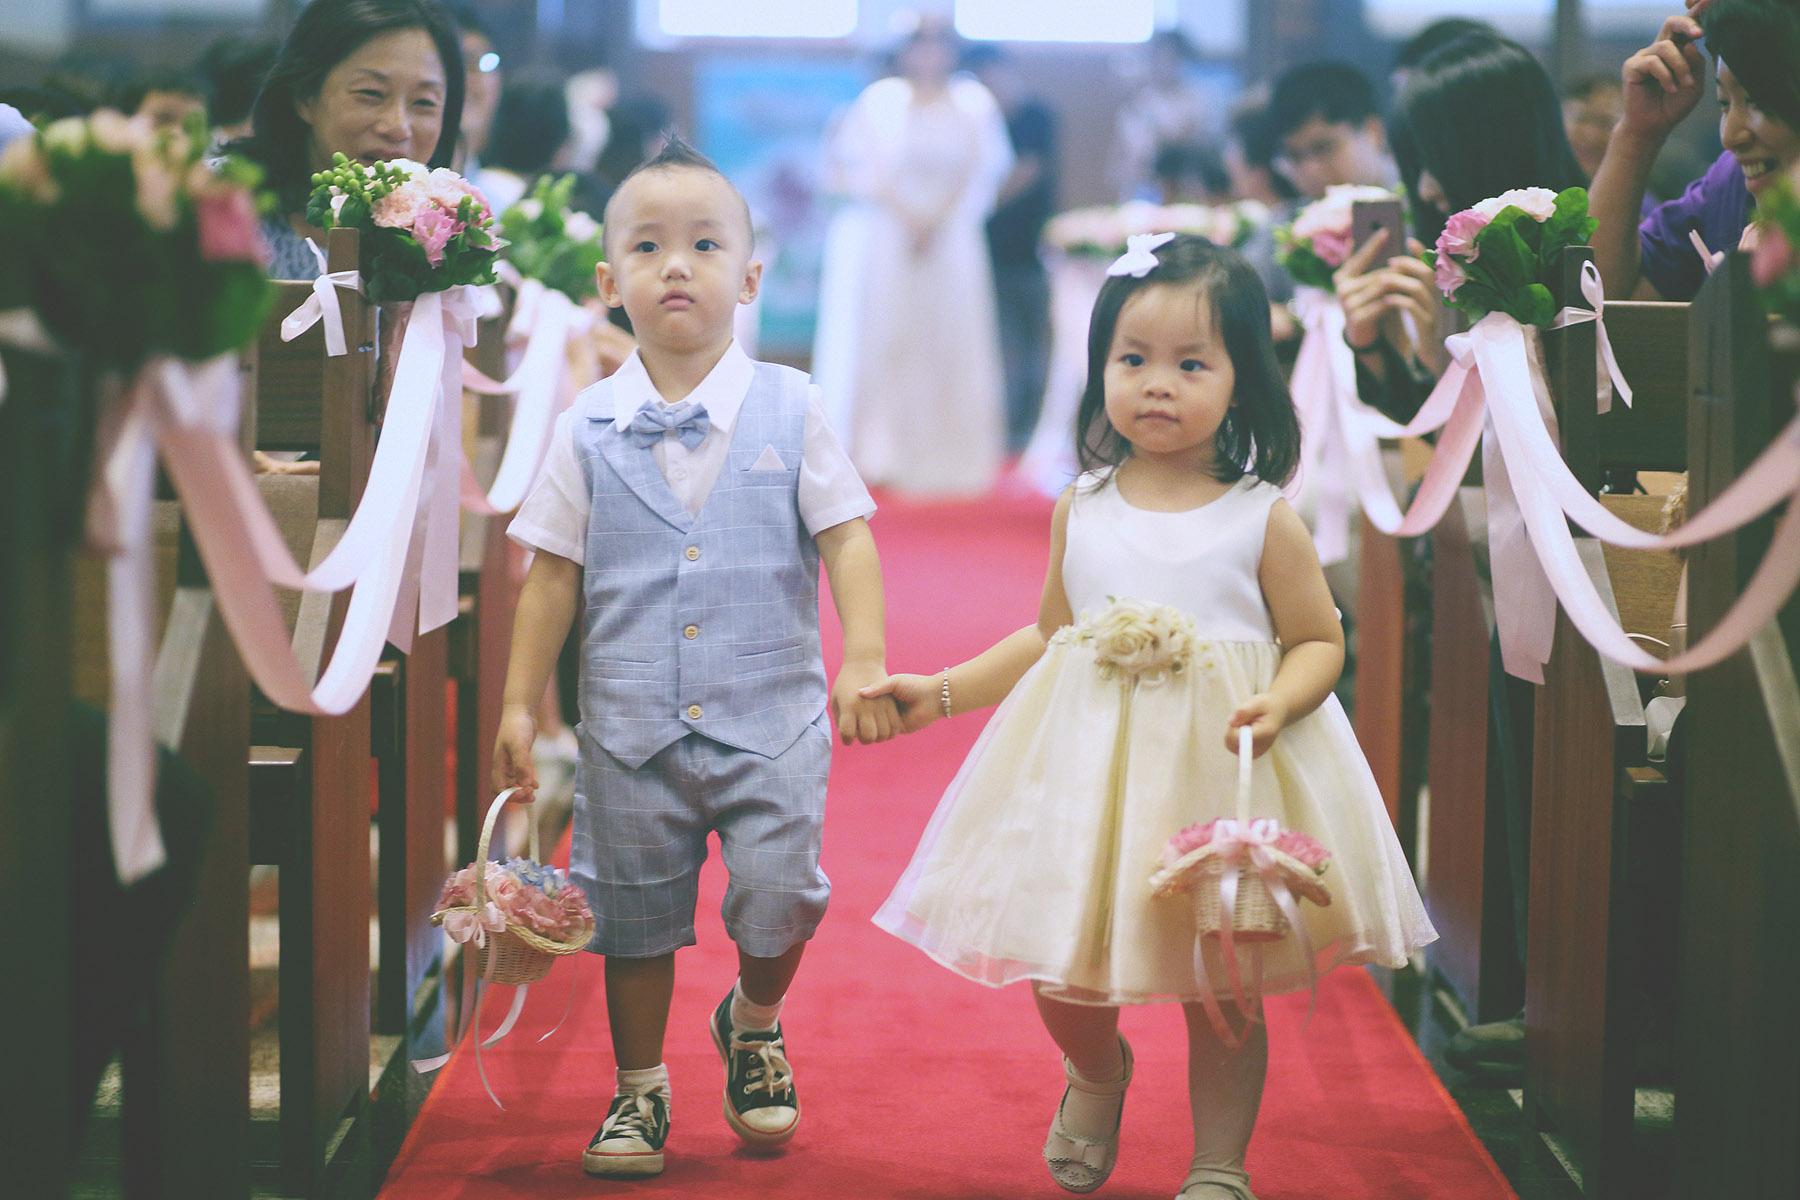 婚禮籌備,婚禮規劃,宴客活動,進場,底片婚攝,婚禮攝影師推薦,電影風格,婚攝,花僮進場